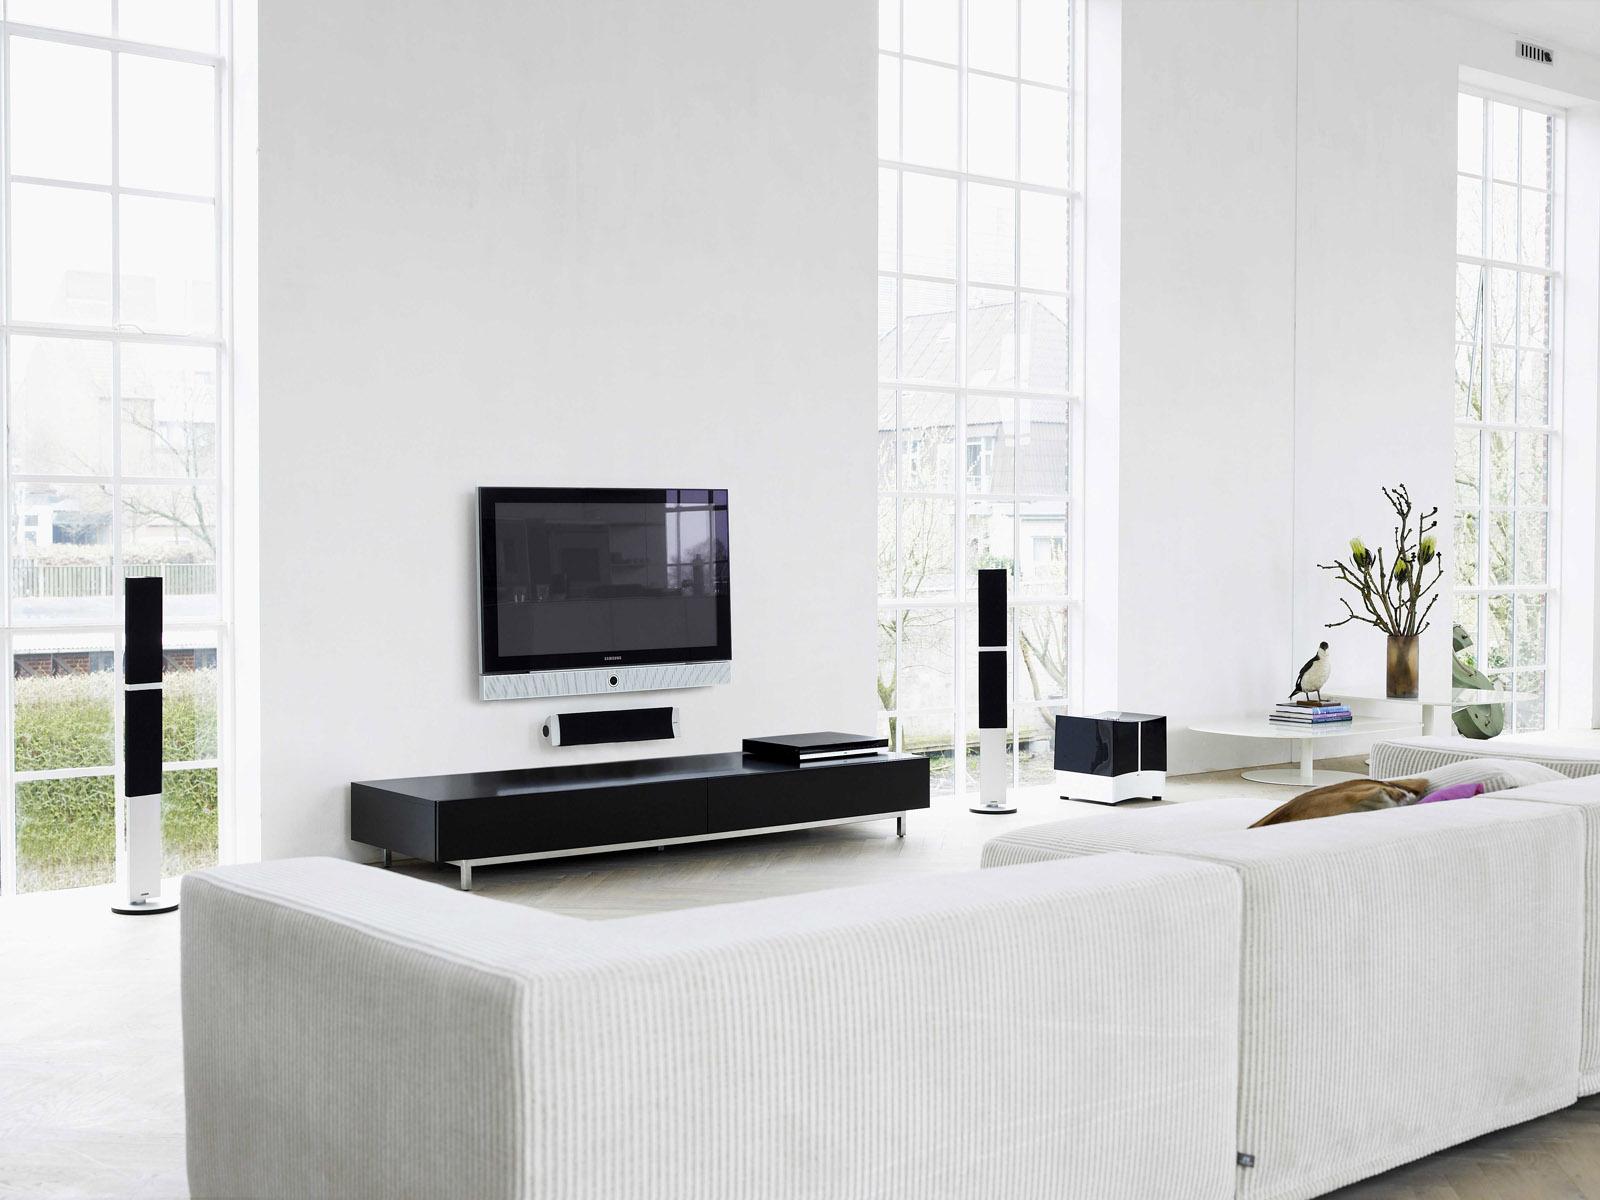 living-room-tv-and-sofa living room tv and sofa furniture